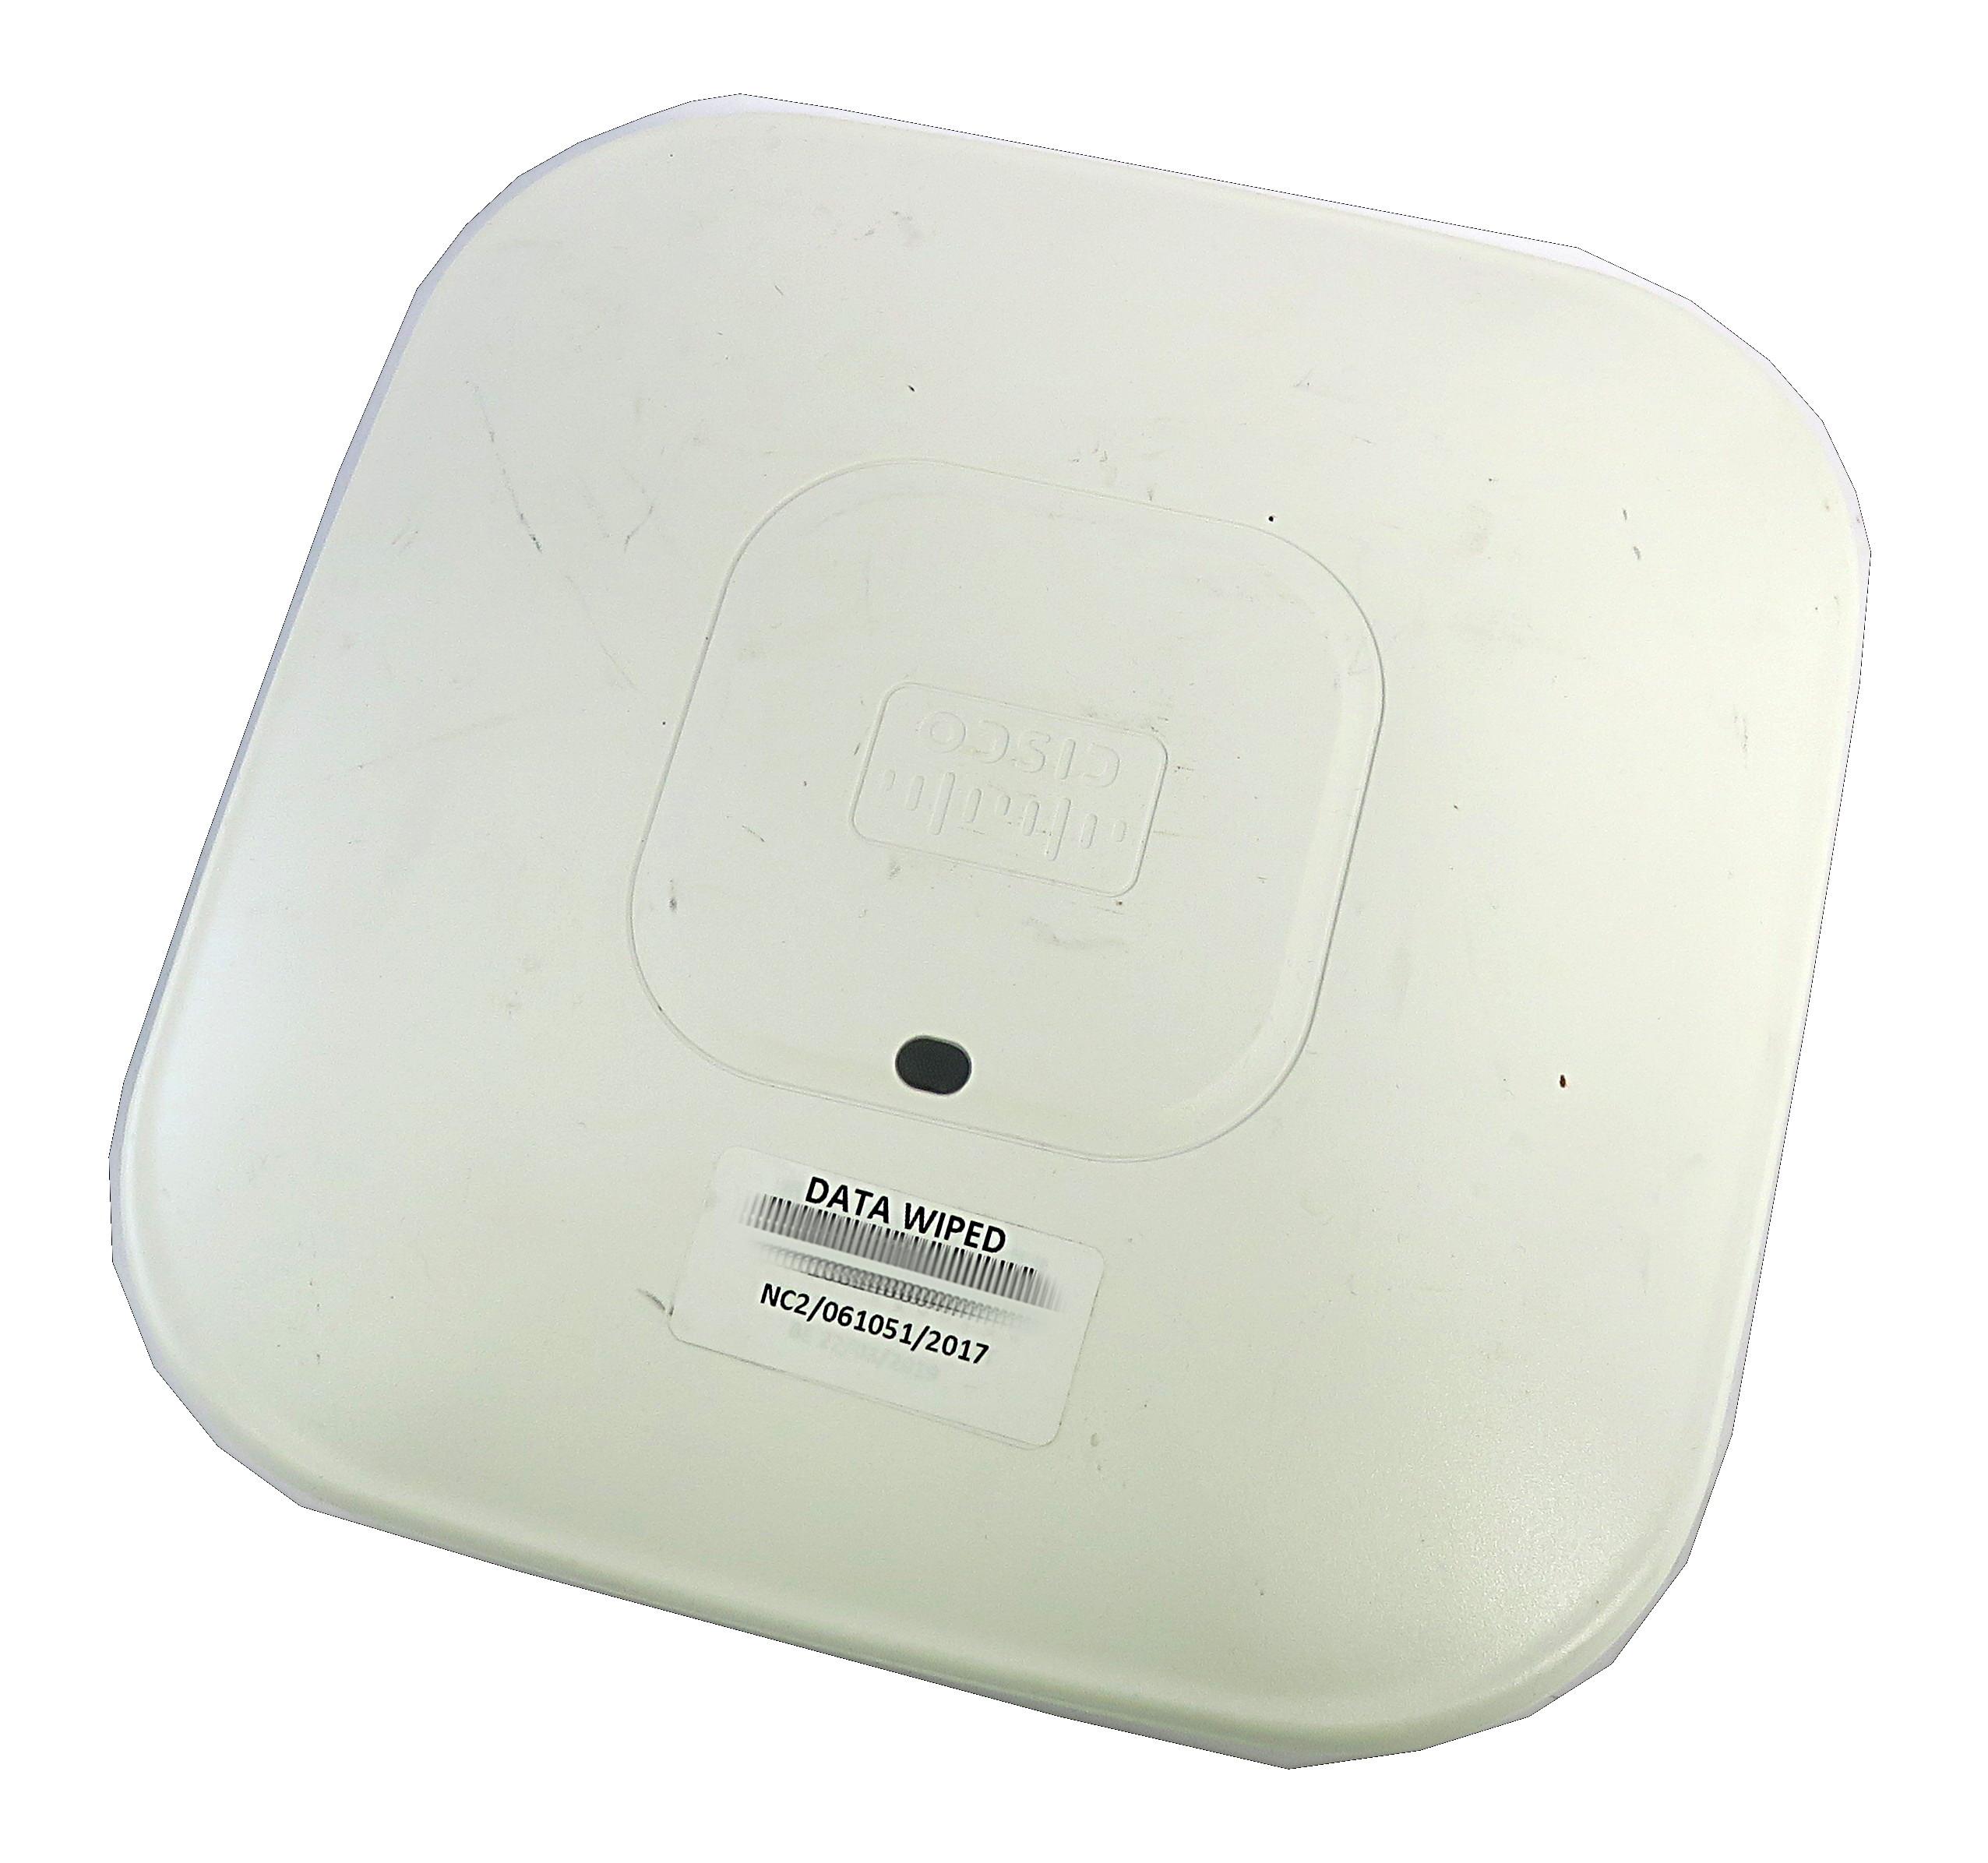 Cisco AIR-CAP2602I-E-K9 Dual-band 802.11a/g/n Wireless Access Point